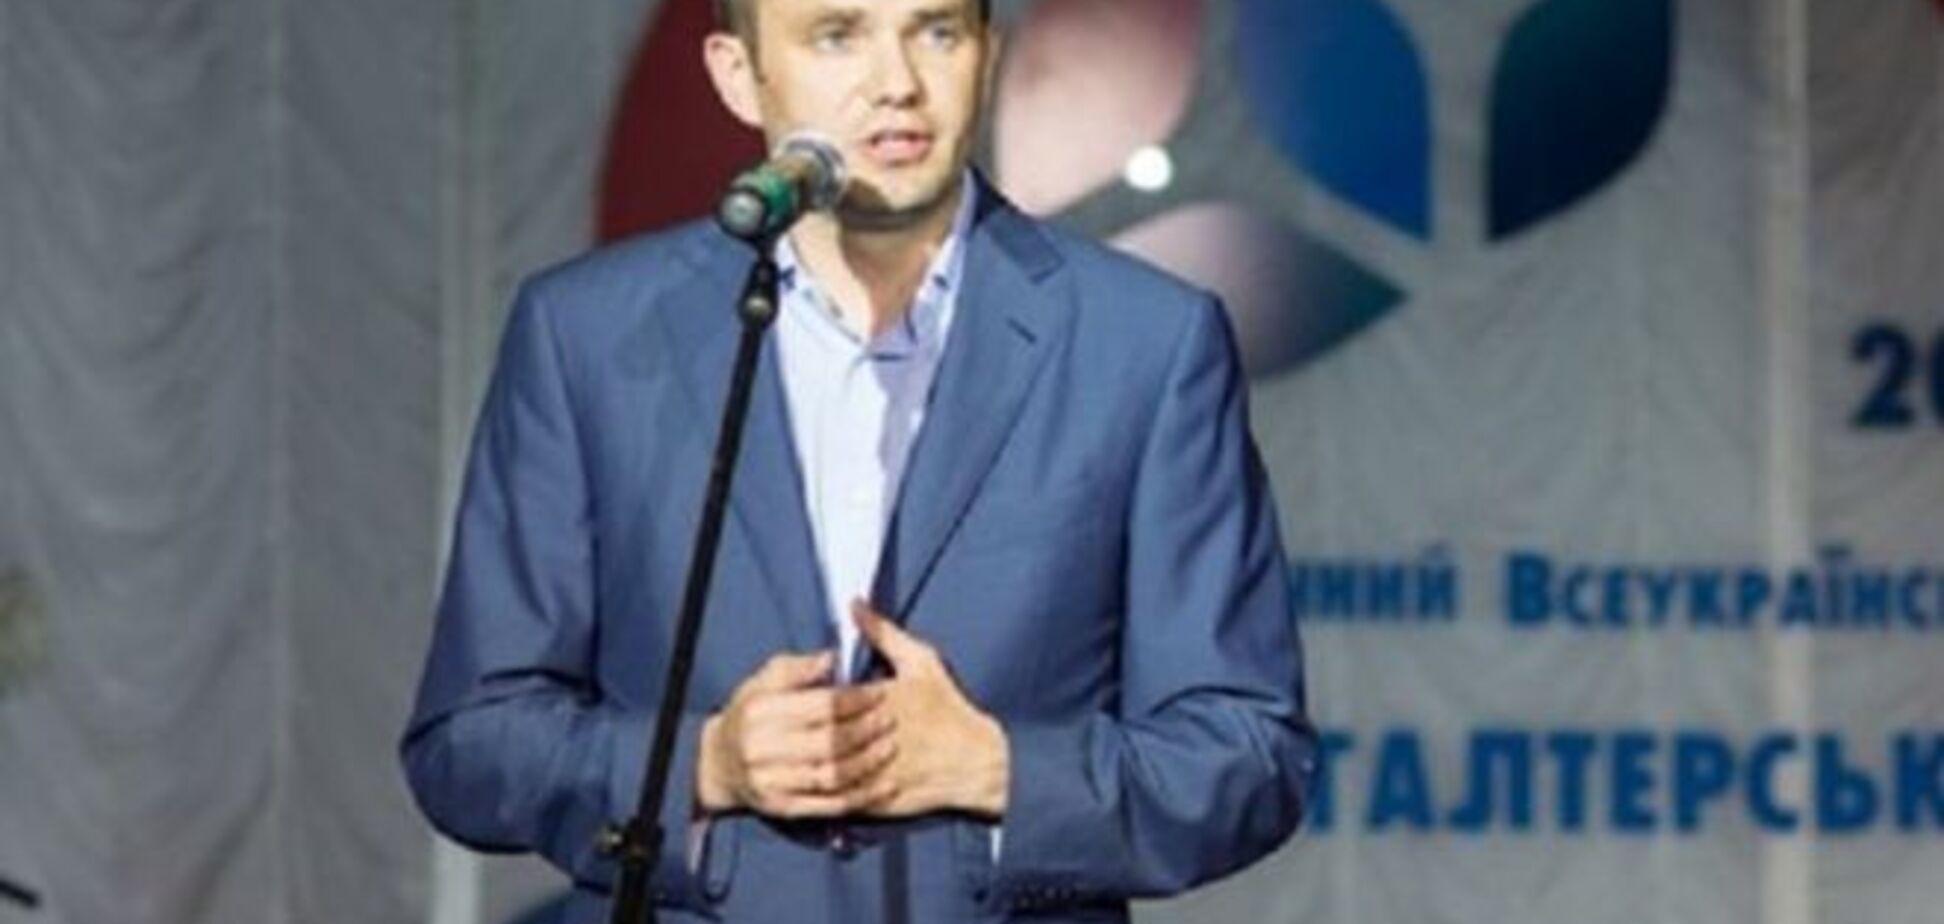 Смотрящий Януковича намагався відібрати у 'Ощадбанку' більше 100 млн